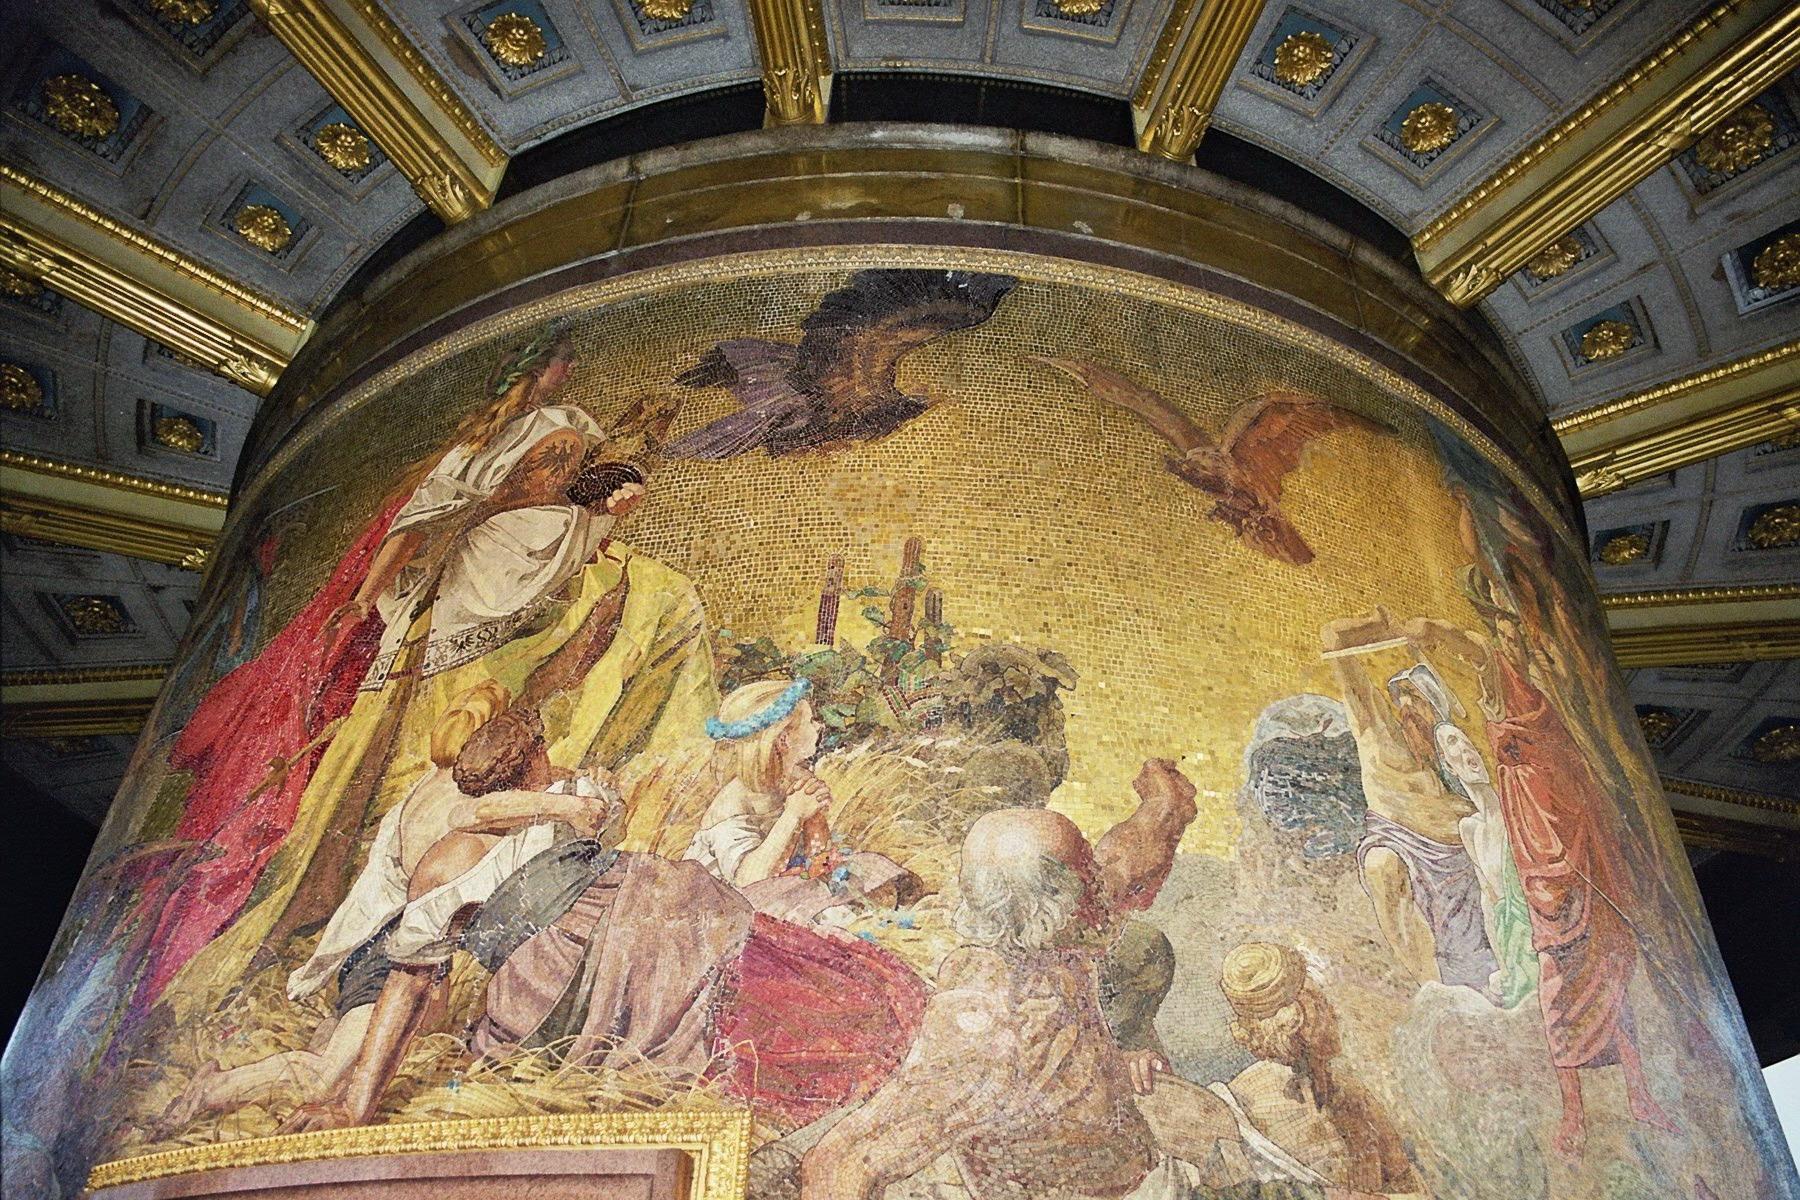 Mosaik Berlin file siegessaeule berlin december 2004 mosaic 09 jpg wikimedia